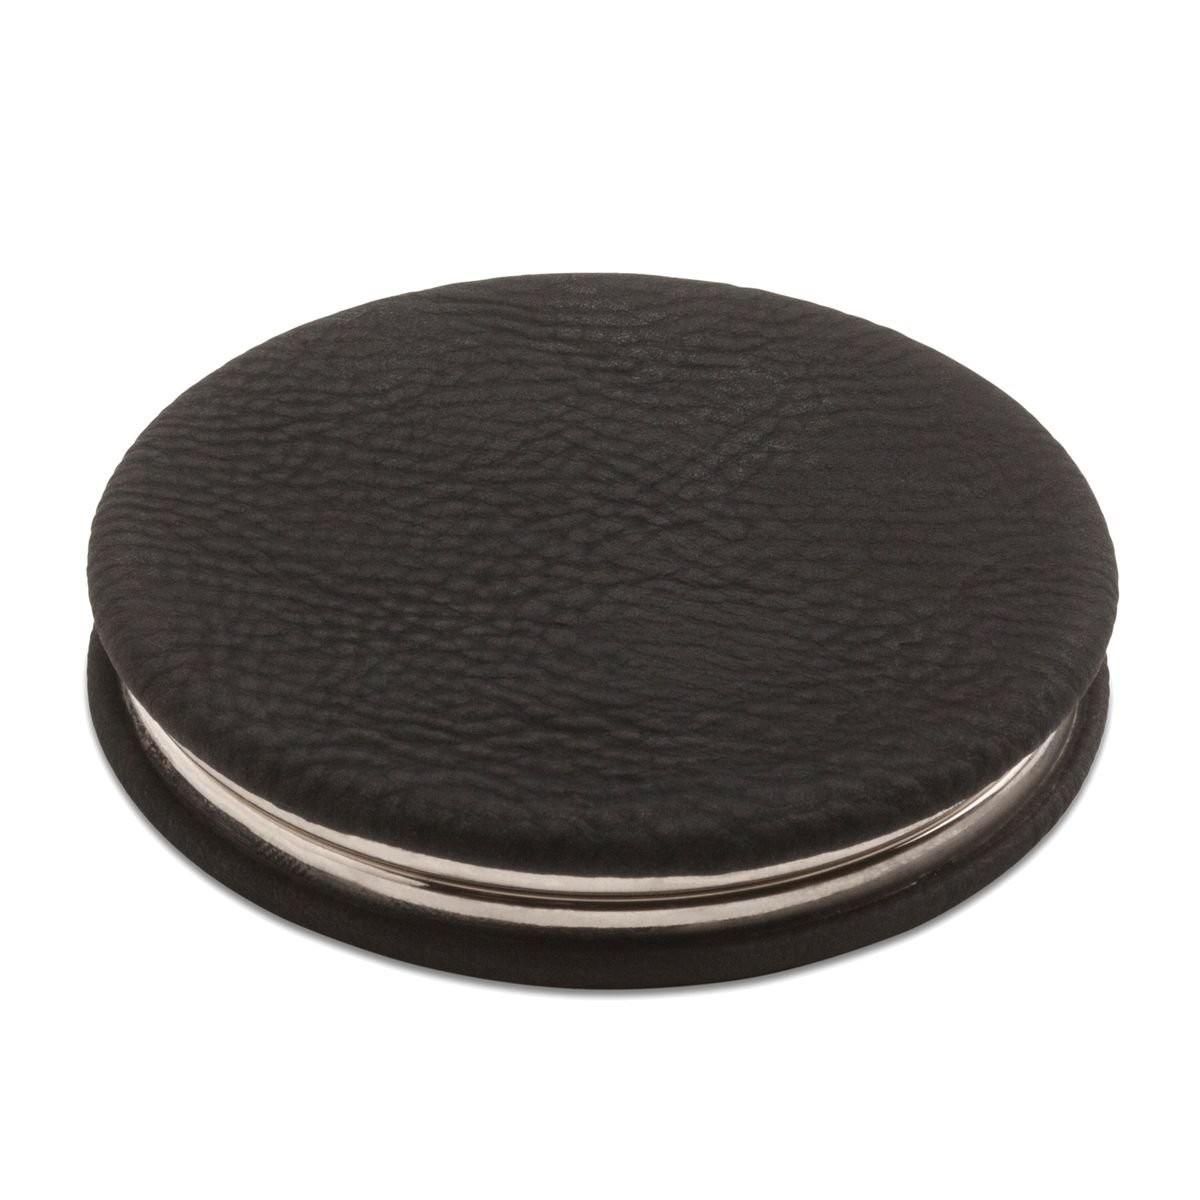 Taschenspiegel REFLECTS-MELUN BLACK